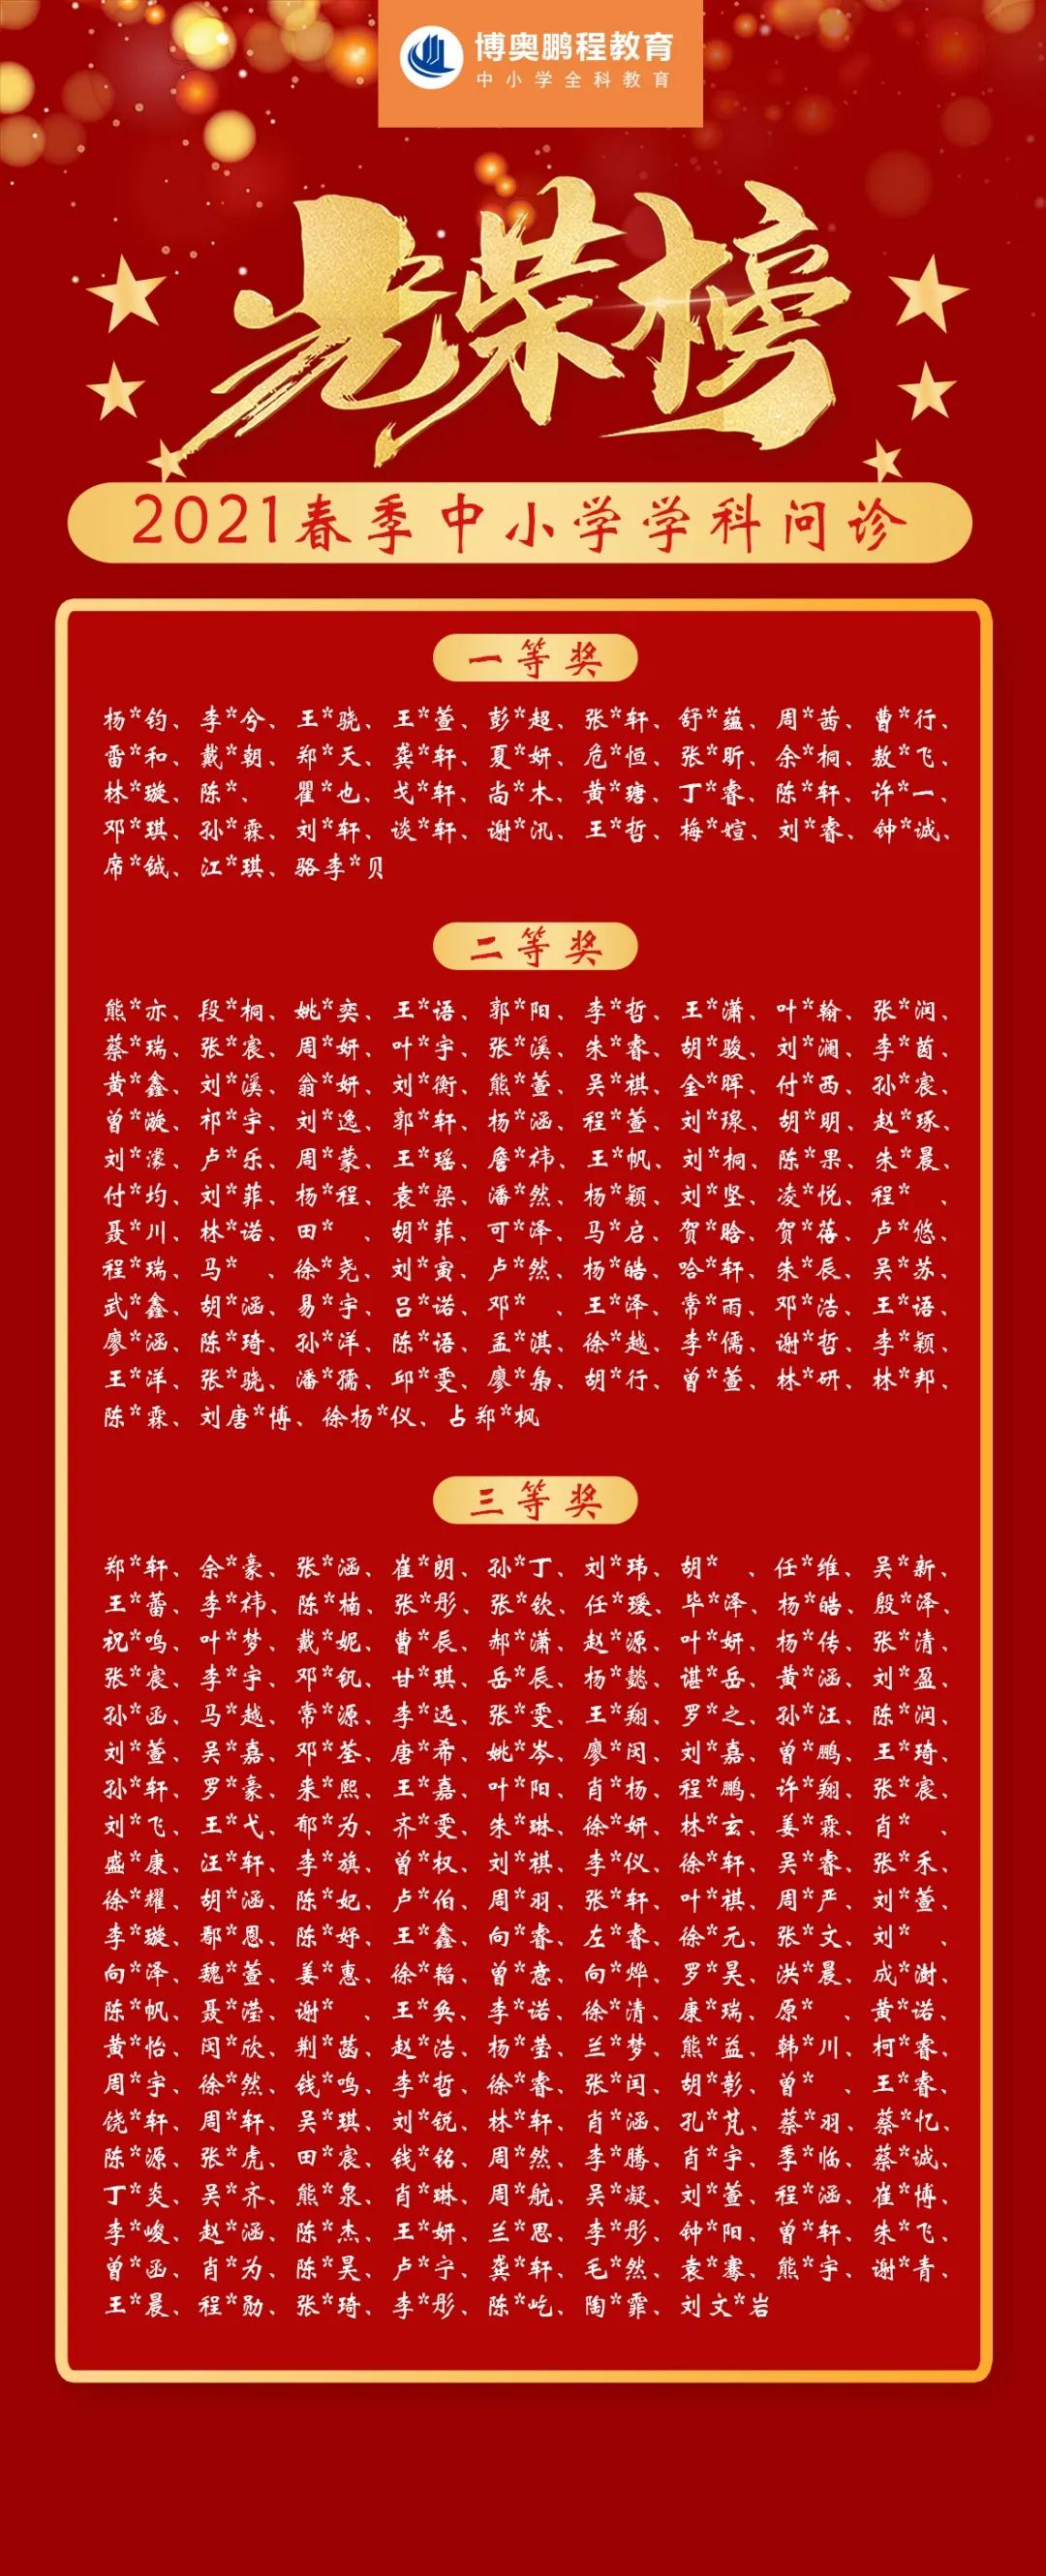 """线上金源娱乐登入地址""""学科问诊""""圆满落幕,十万元奖学金激励学子筑梦远航"""